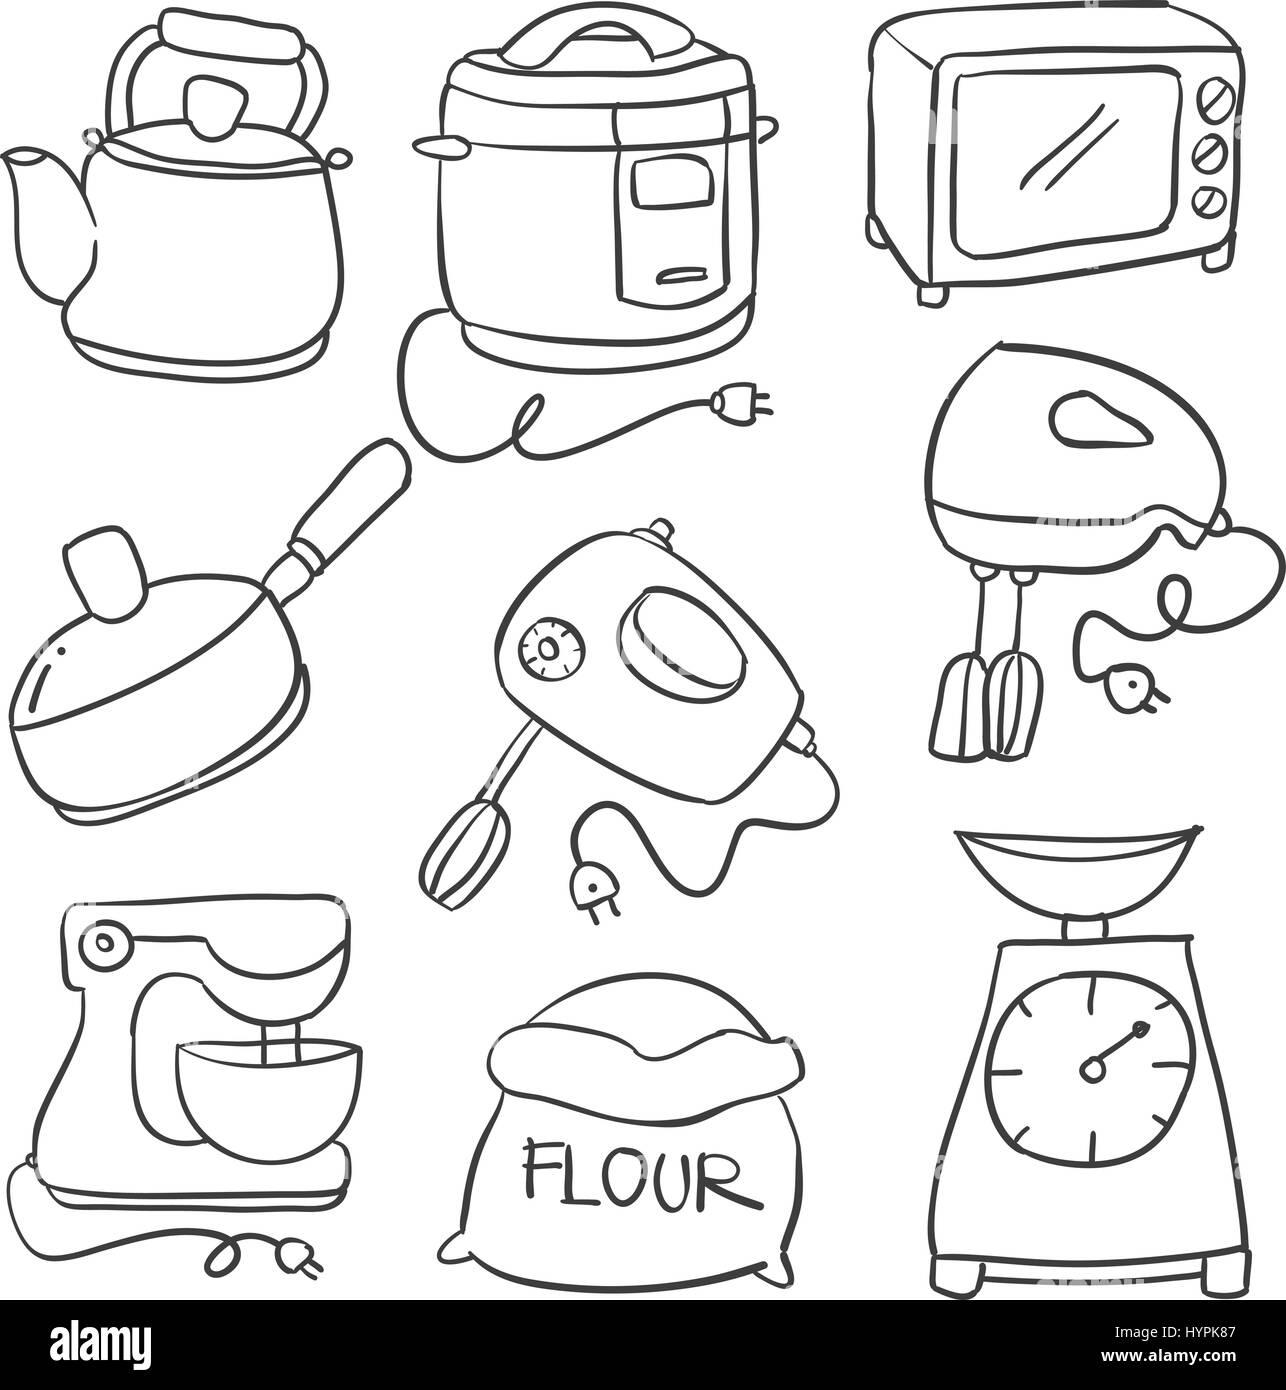 Vektor Illustration Der Kuche Legen Hand Zeichnen Vektor Abbildung